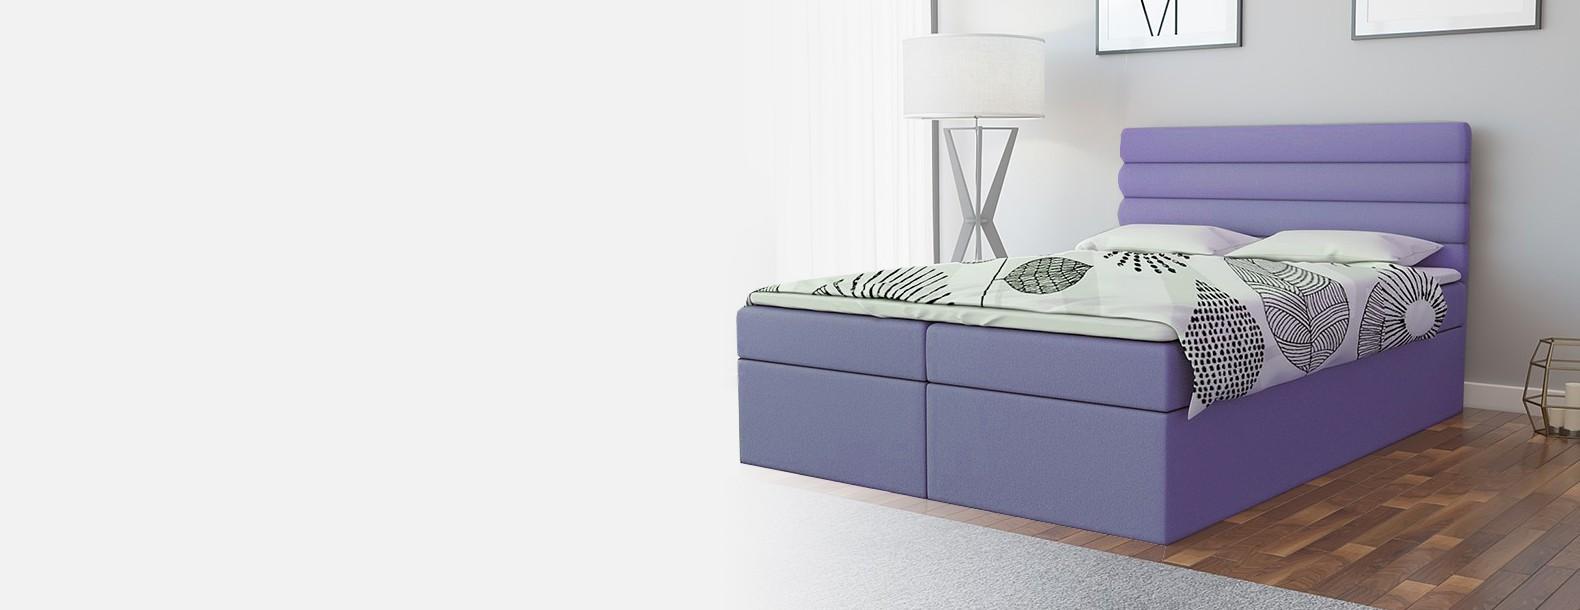 Łóżko kontynentalne OLIMP